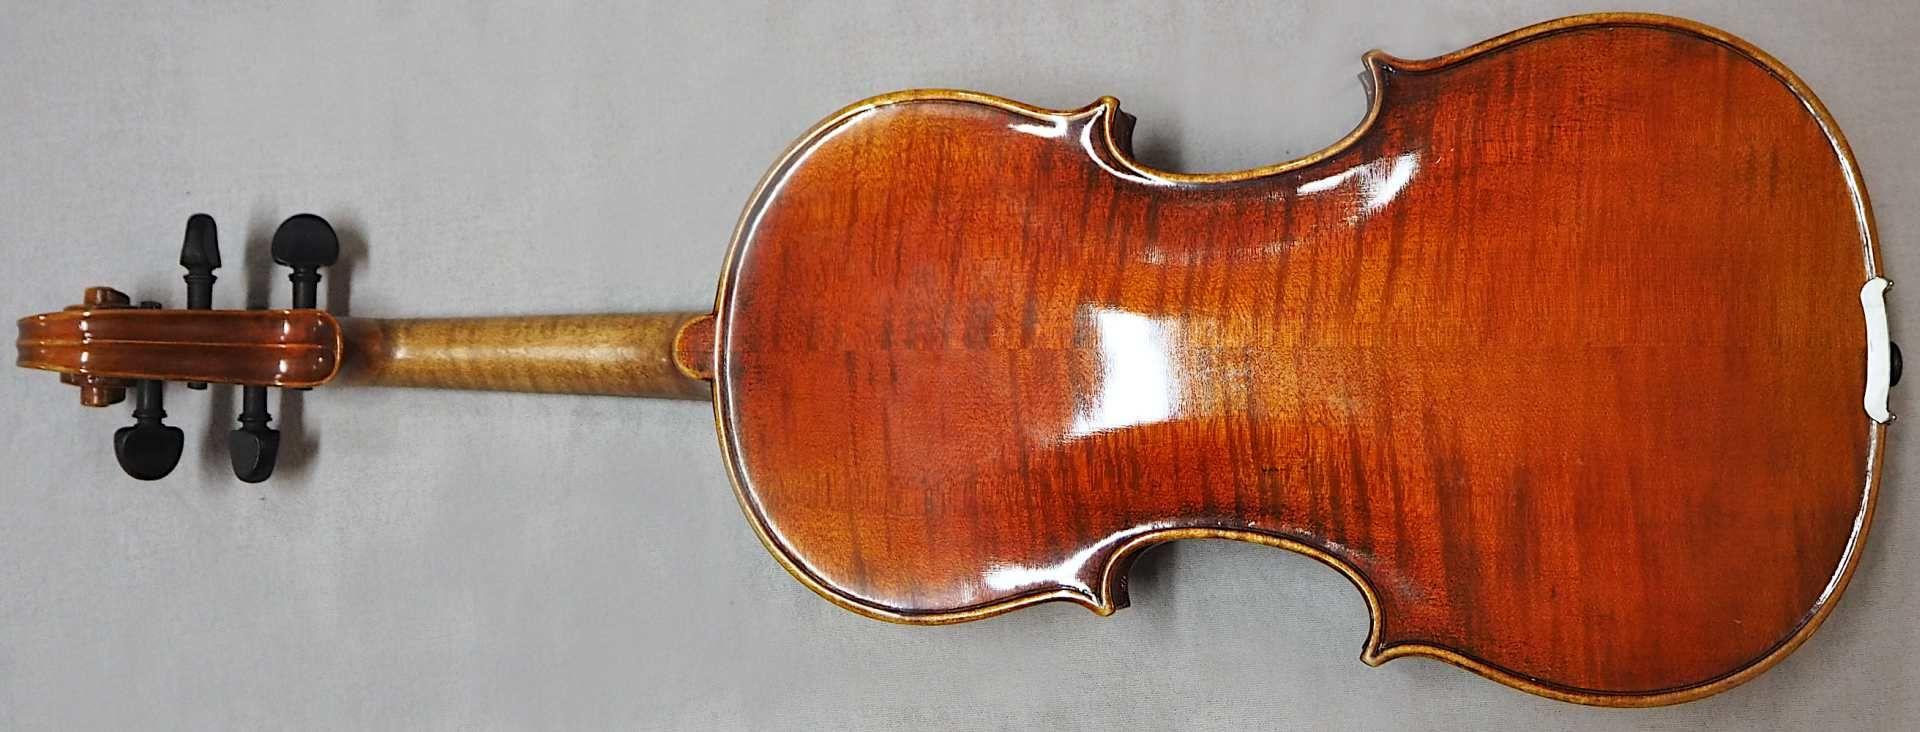 1 Geige 20.Jh. auf Klebezettel bezeichnet MAX SANDNER, Erlangen L ca. 61cm, min. Lacks - Bild 3 aus 3